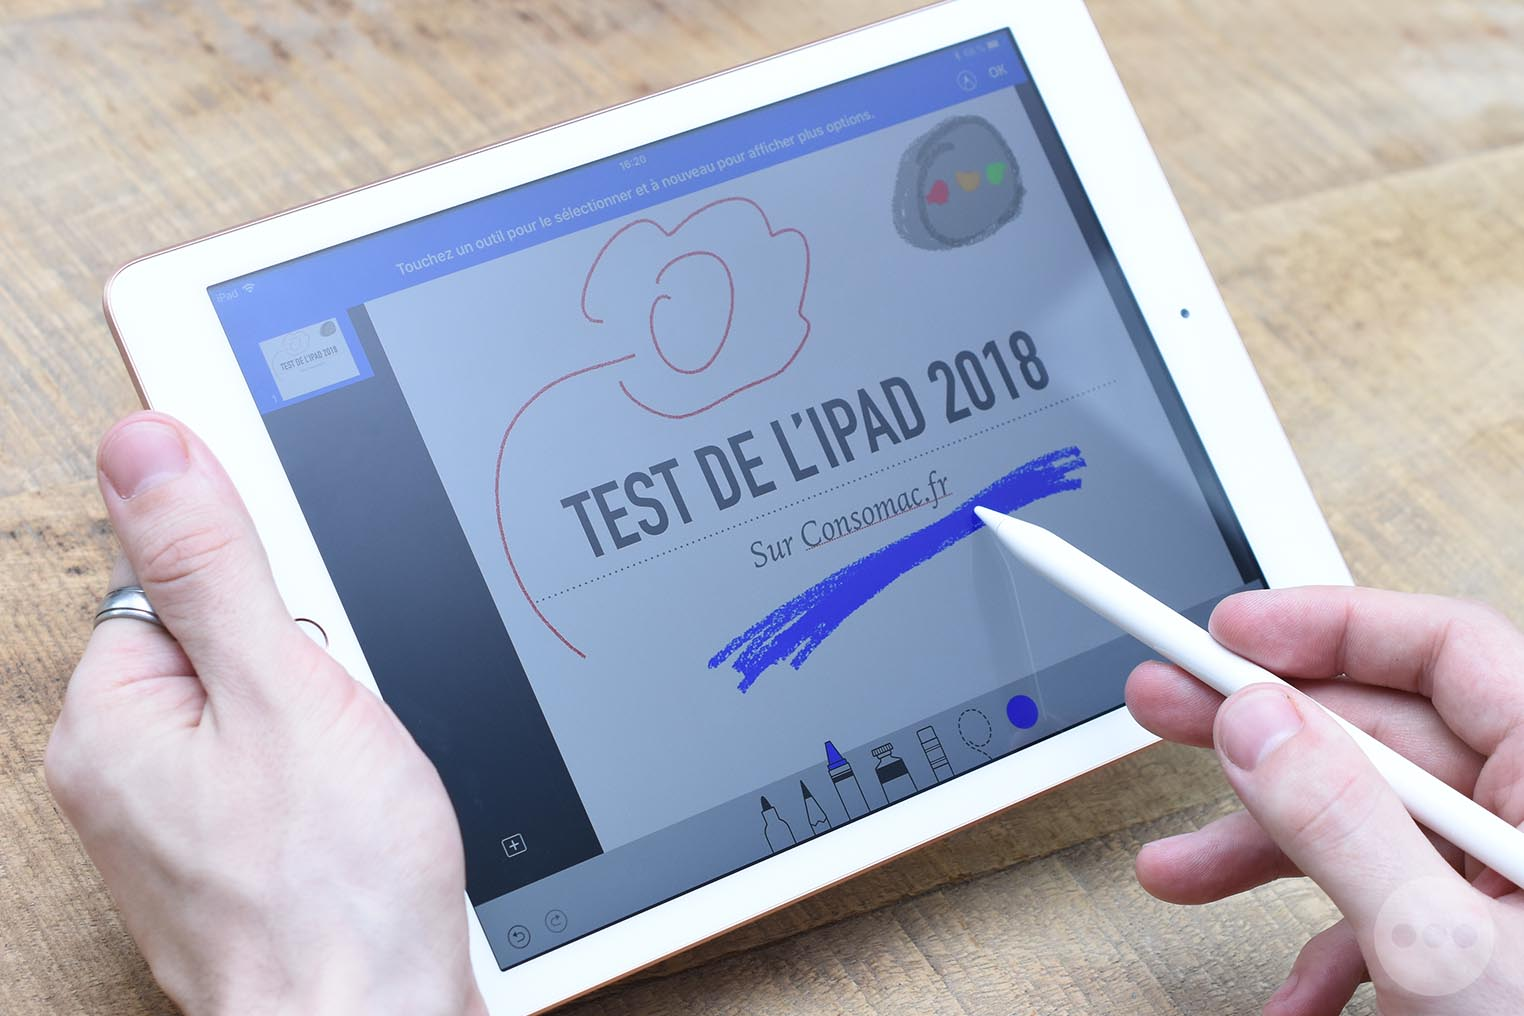 Test iPad 2018 Keynote